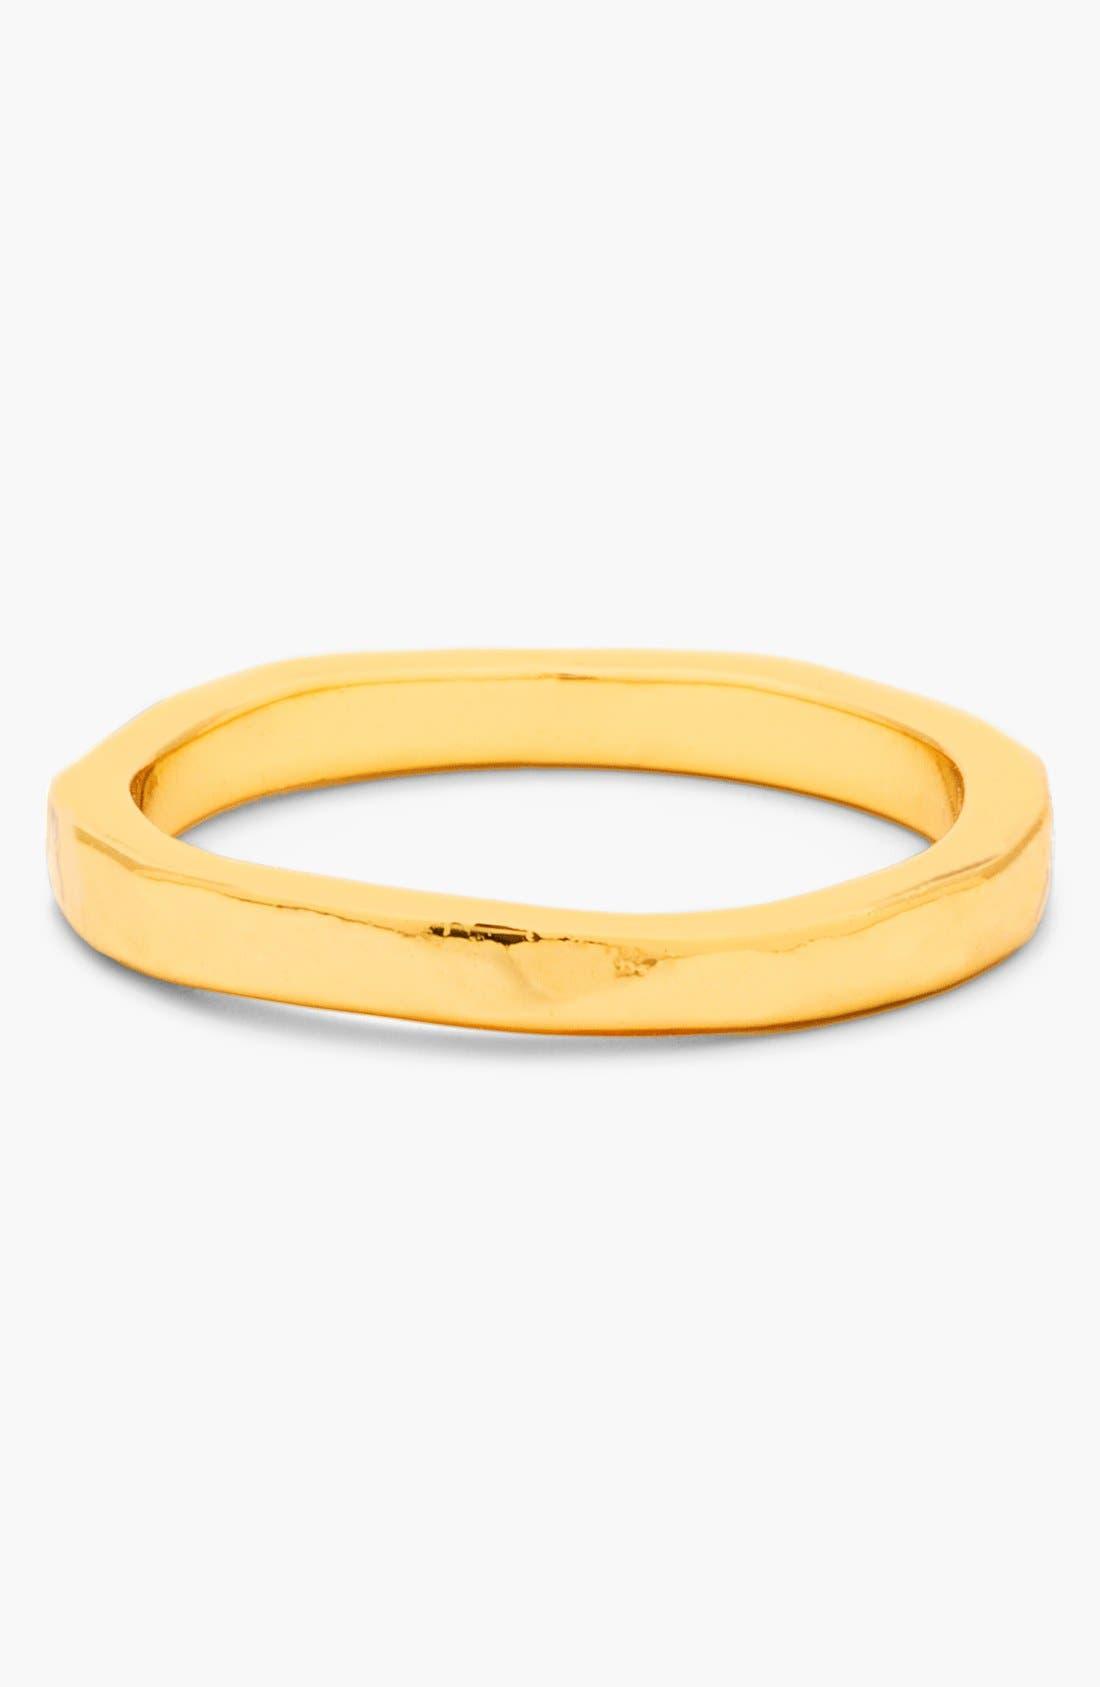 Alternate Image 1 Selected - gorjana 'Taner' Midi Ring